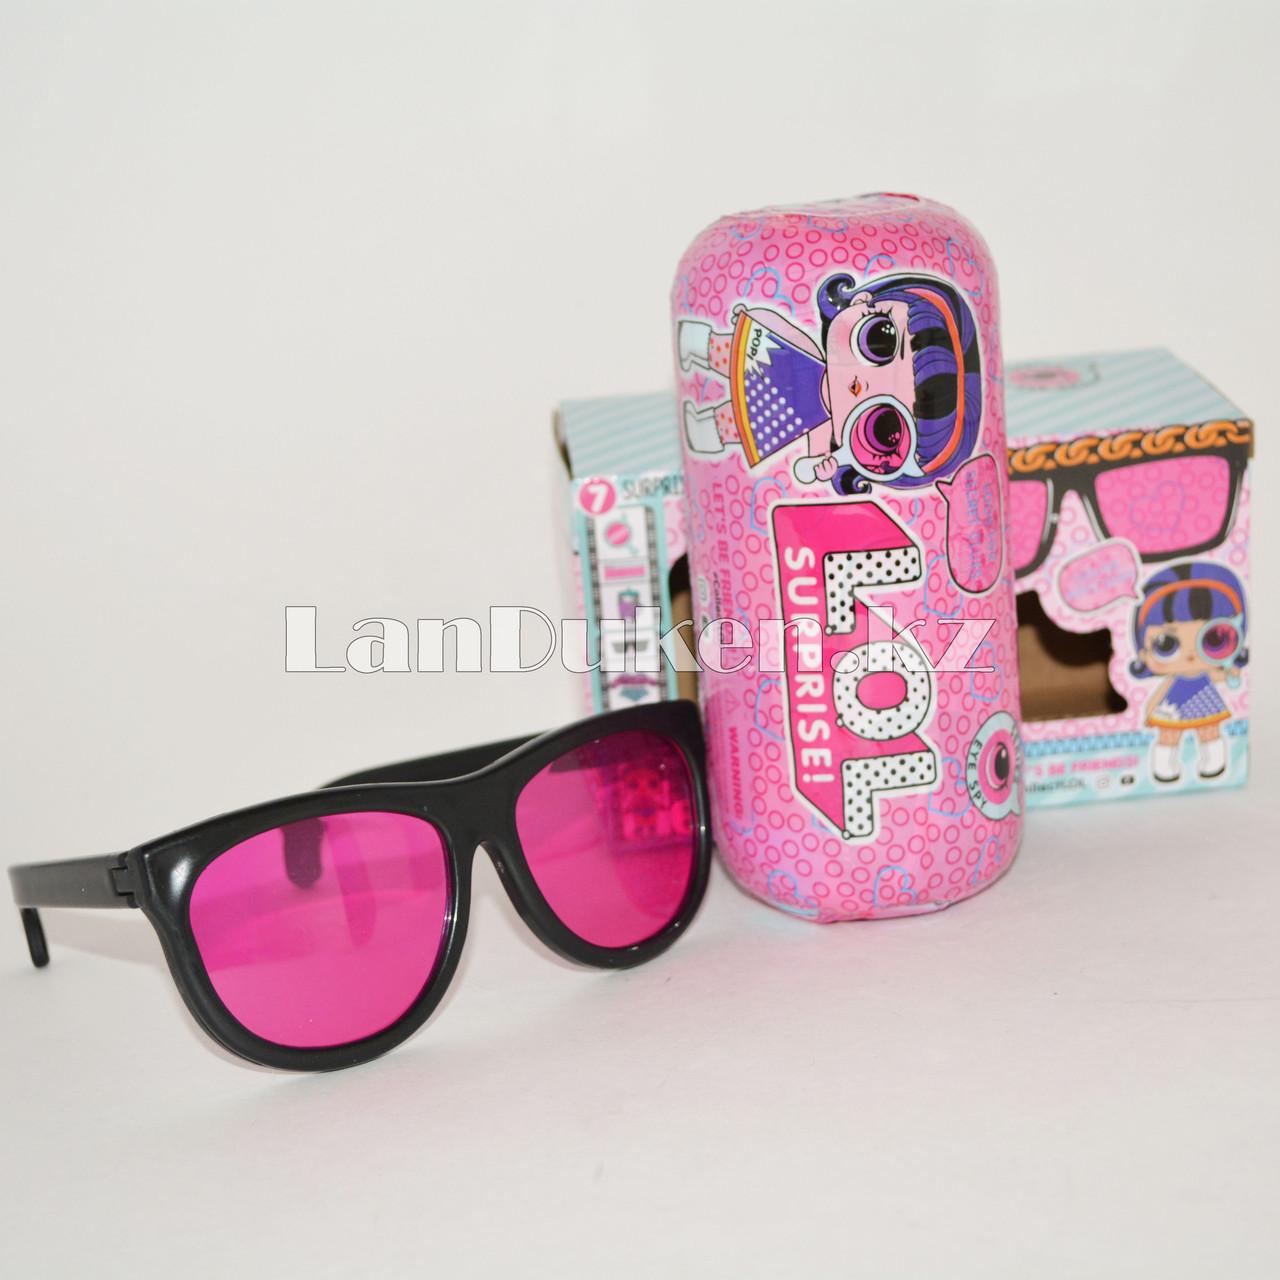 Кукла-сюрприз в капсуле LOL Surprise Under Wraps Eye Spy в индивидуальной коробке ВВ260 (девочка) - фото 2